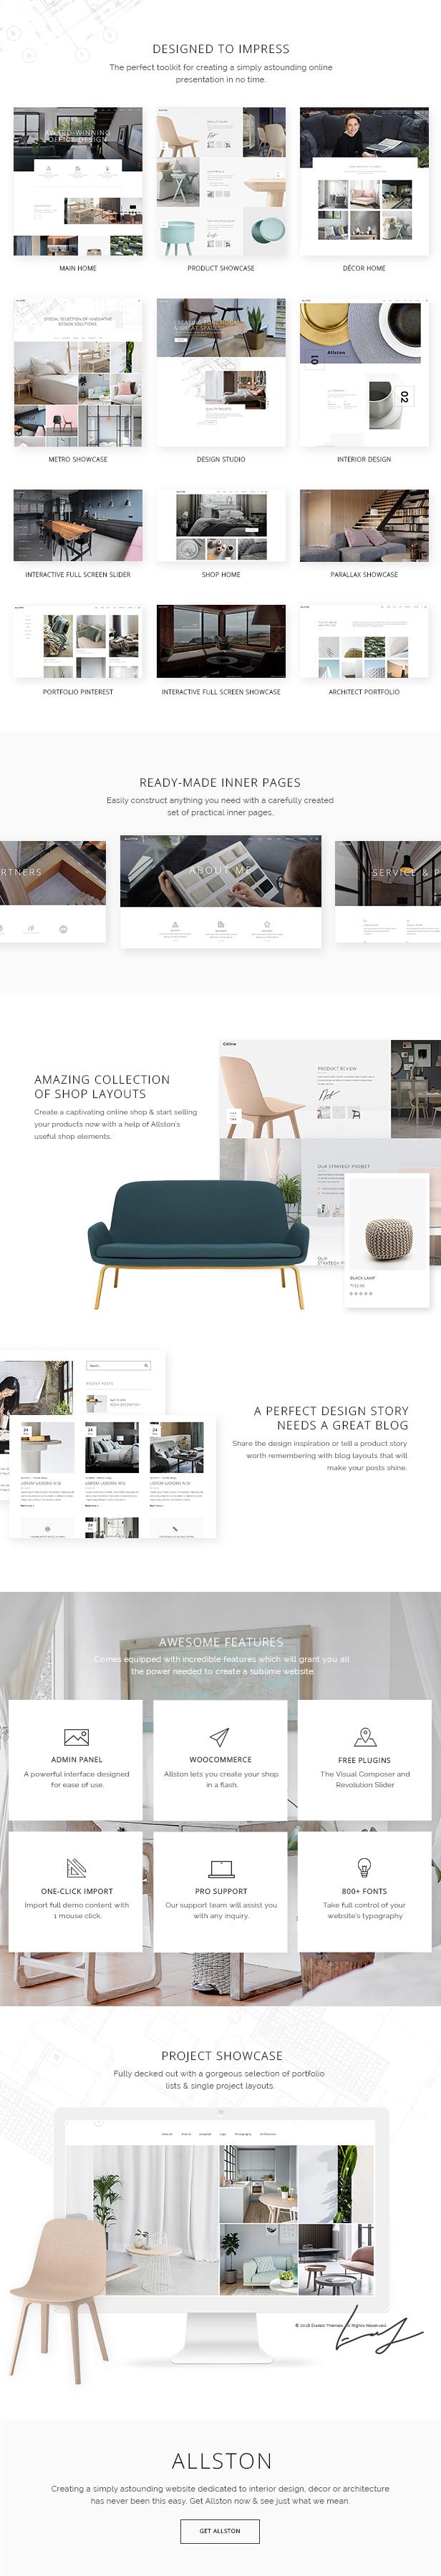 WordPress theme Allston - A Contemporary Theme for Interior Design and Architecture (Portfolio)